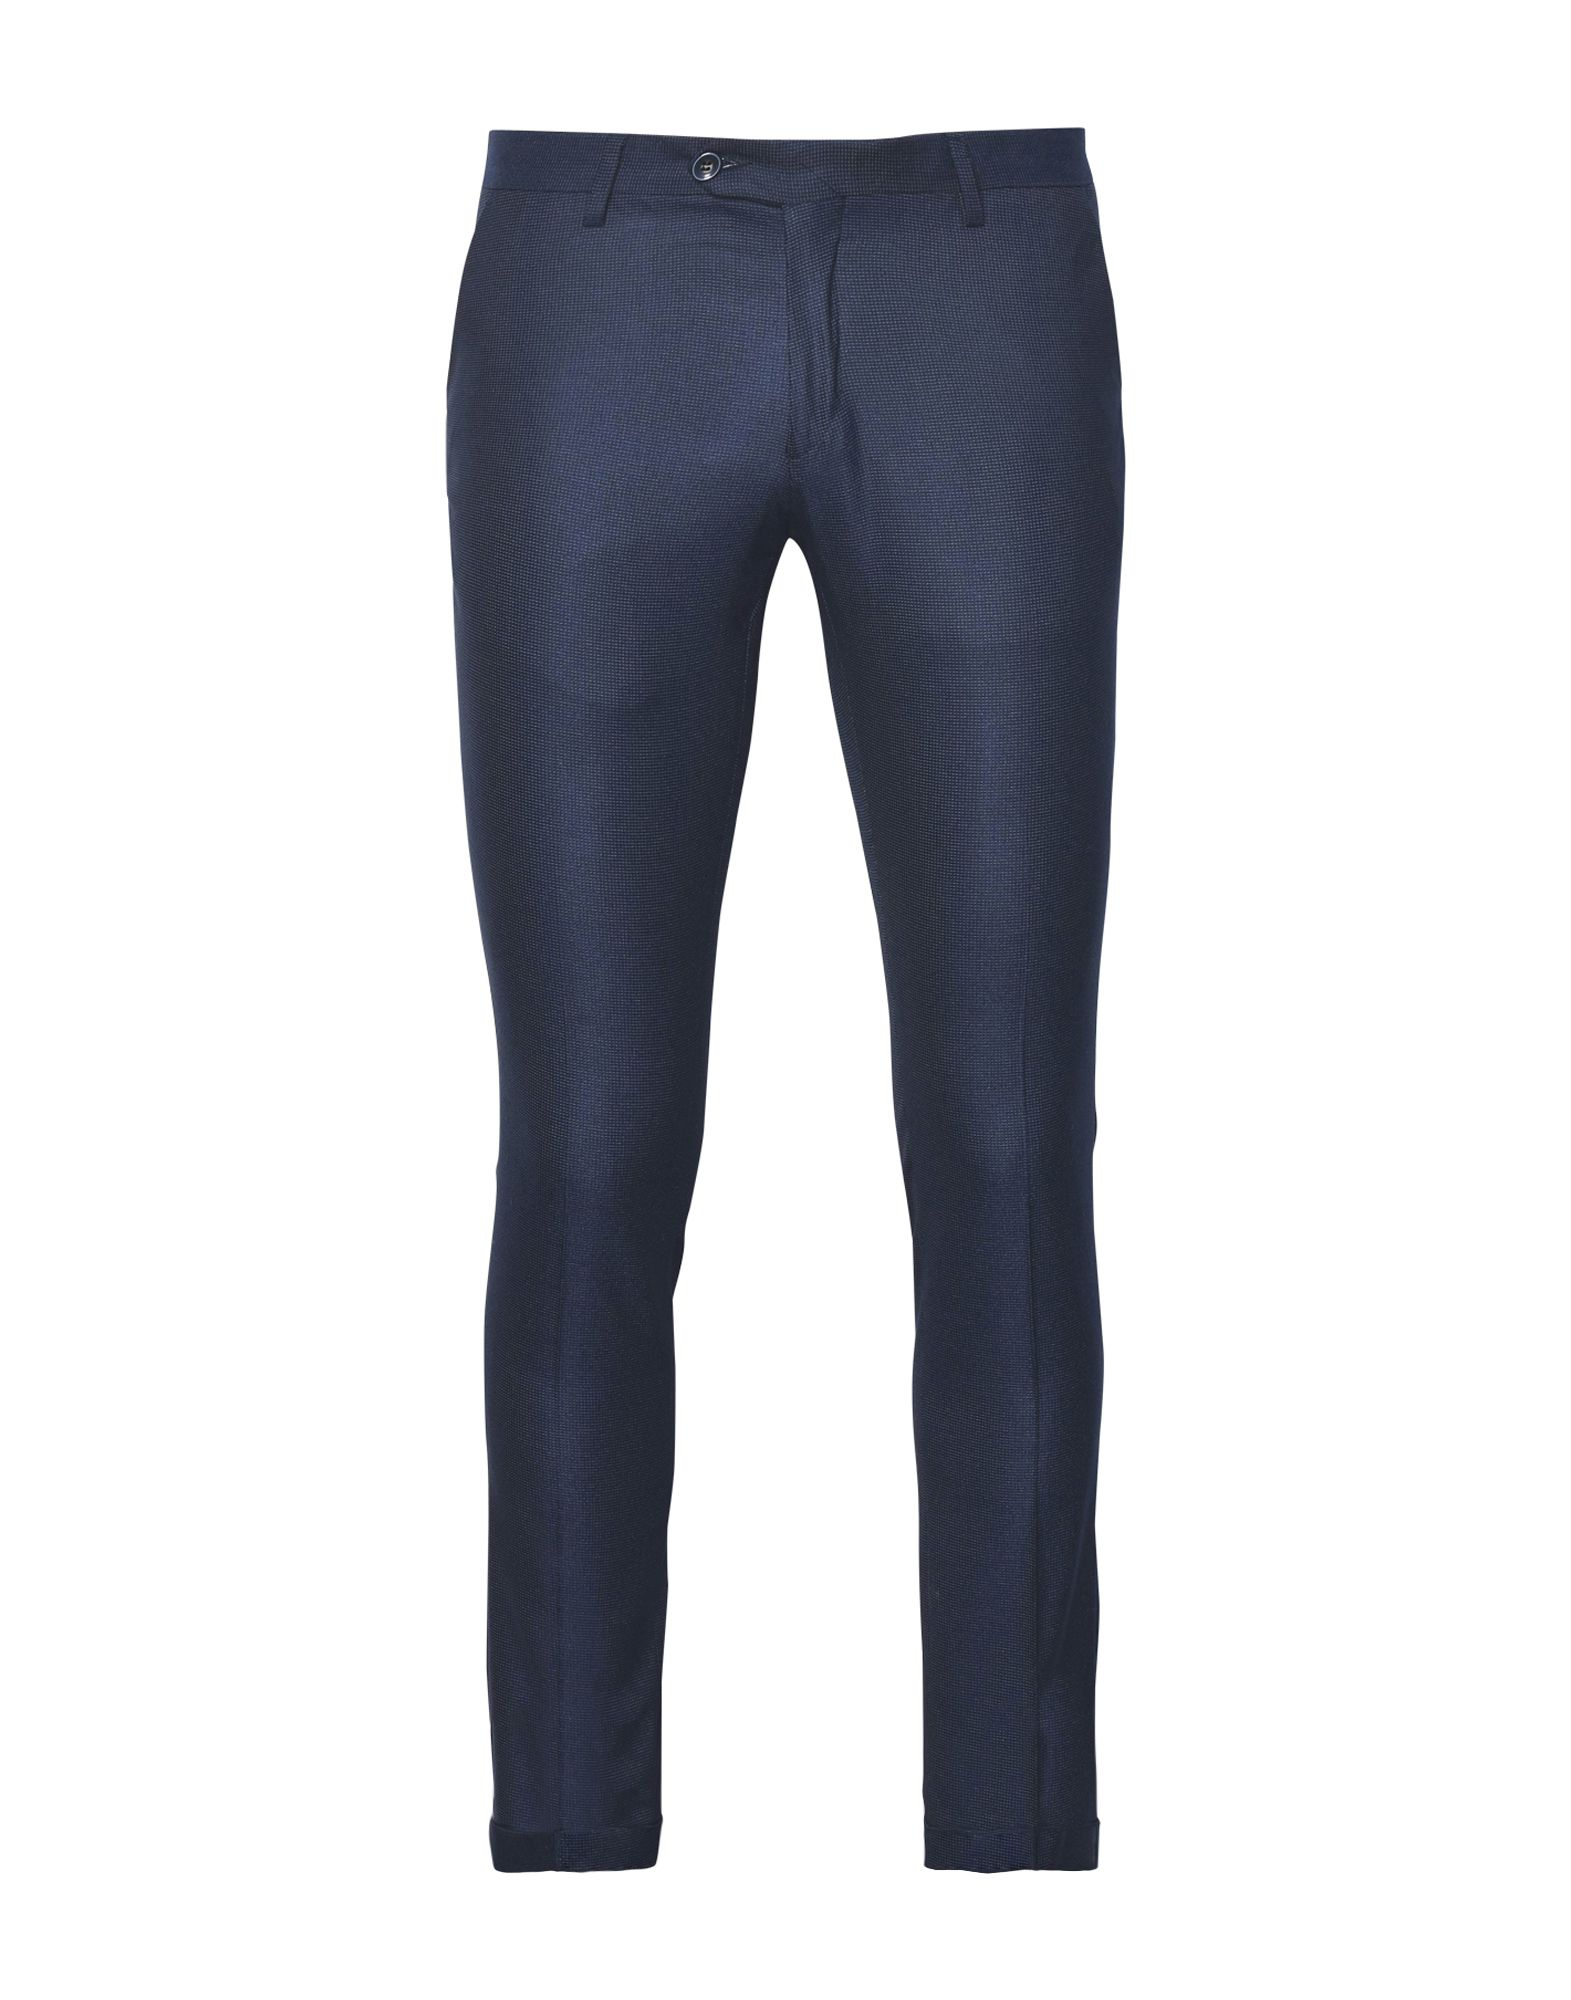 A A A buon mercato Pantalone 8 Uomo - 13163826CW 35a406